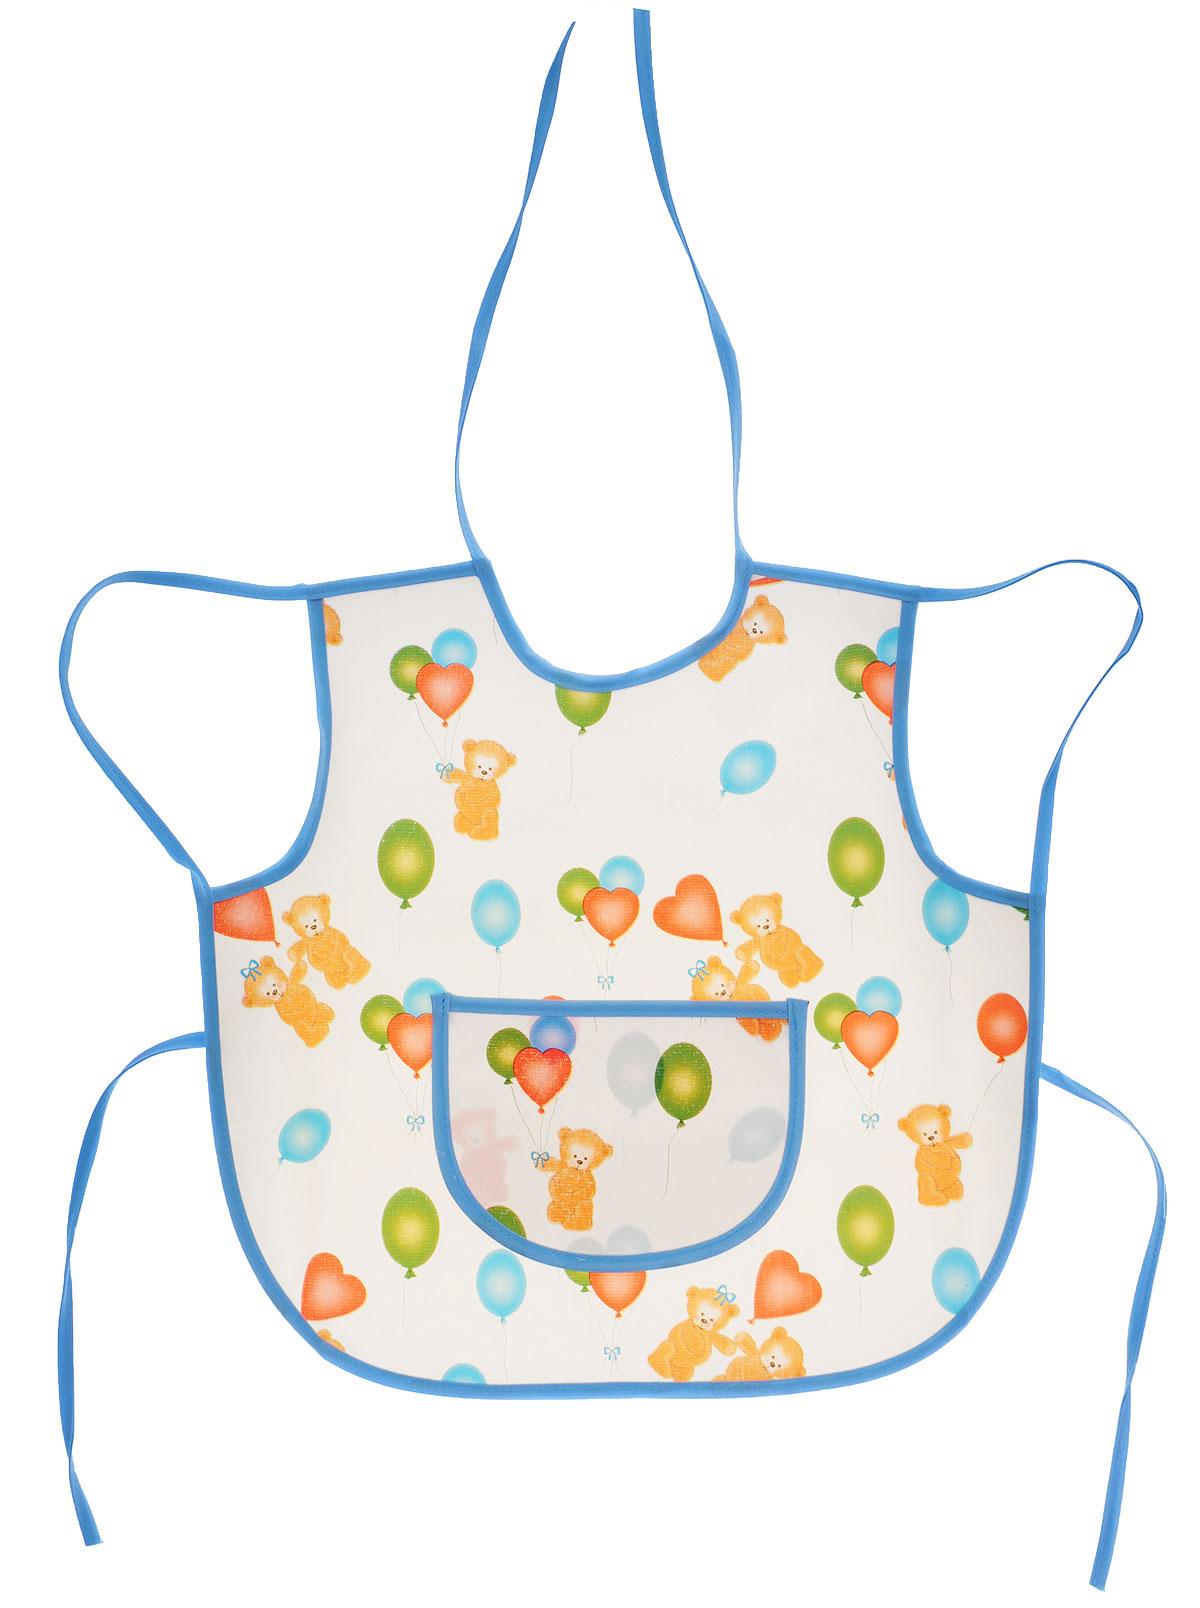 Колорит Фартук защитный Мишки с шариками цвет белый голубой 36 х 36 см72523WDФартук Колорит Мишки с шариками с непромокаемым слоем защитит одежду малыша во время кормления и освободит родителей от дополнительных хлопот.Фартук на завязках - выбор практичных мамочек, так как им можно пользоваться более длительное время. Пока ваш малыш растет, благодаря завязкам вы сможете легко контролировать длину изделия и регулировать размер горловины. Фартук изготовлен из клеенки подкладной с ПВХ покрытием и дополнен широким карманом. Лицевая сторона оформлена забавным изображением.Материал: клеенка, ПВХ.